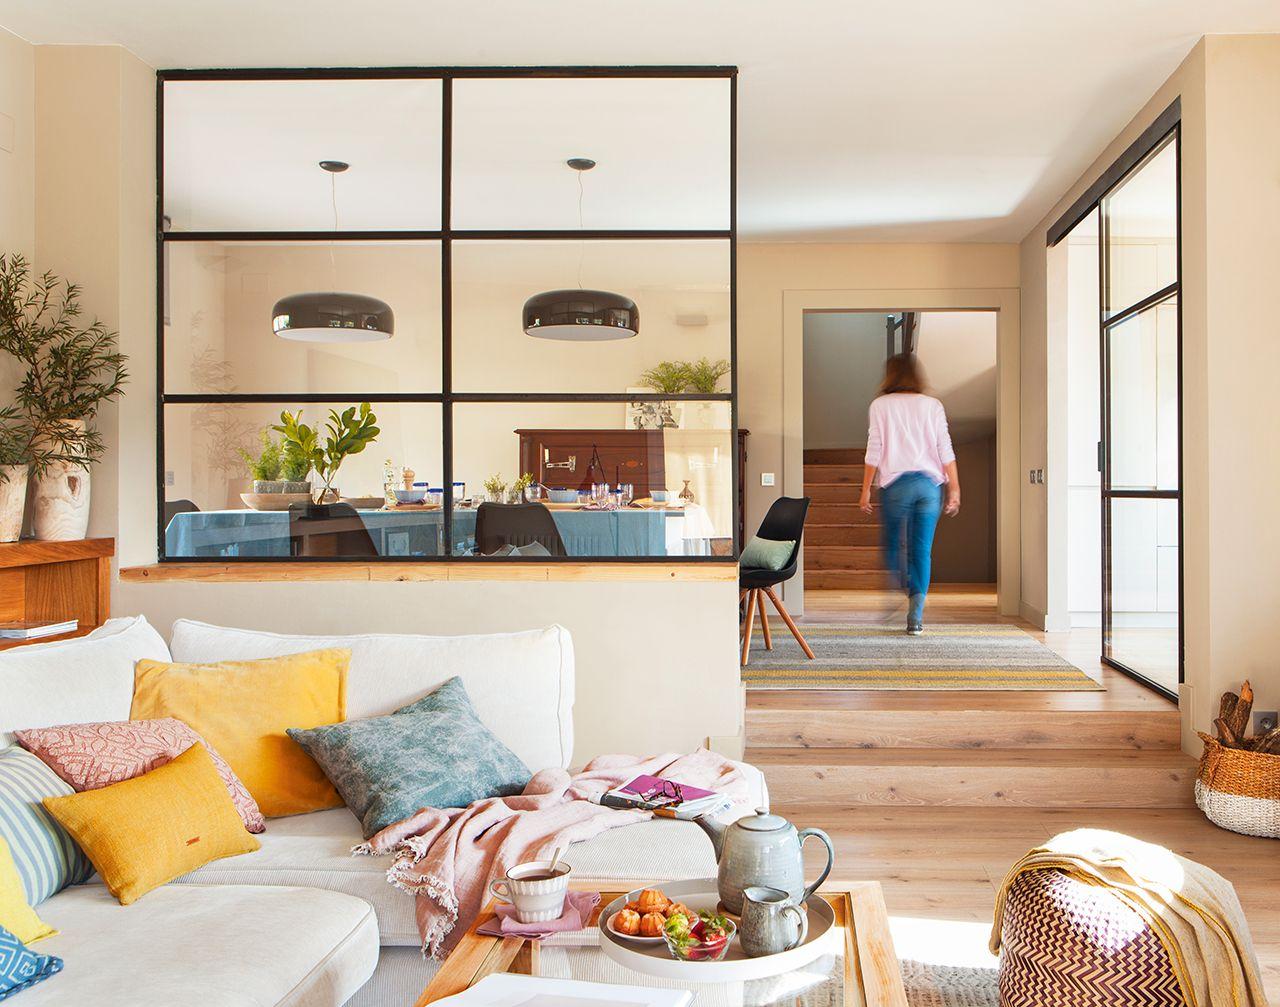 Innenarchitektur wohnzimmer grundrisse estar con chimenea de hierro  cocina lón  pinterest